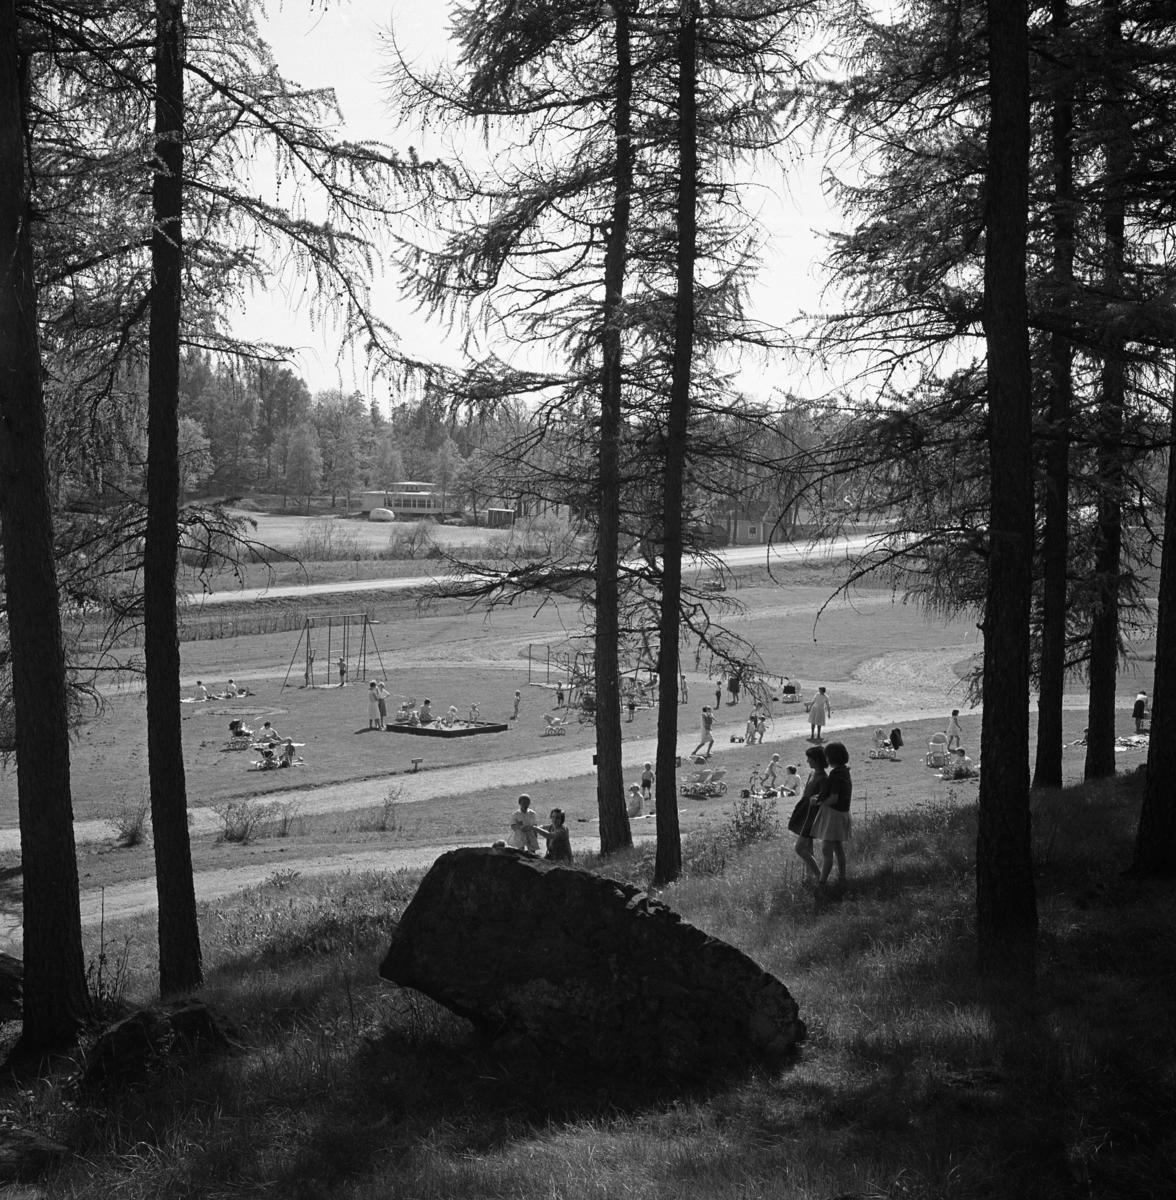 Utsikt från Törnberget. En lekplats med gungor och sandlåda håller många barn sysselsatta. I bakgrunden ses restaurang Vinbäcken och Brunnshuset.